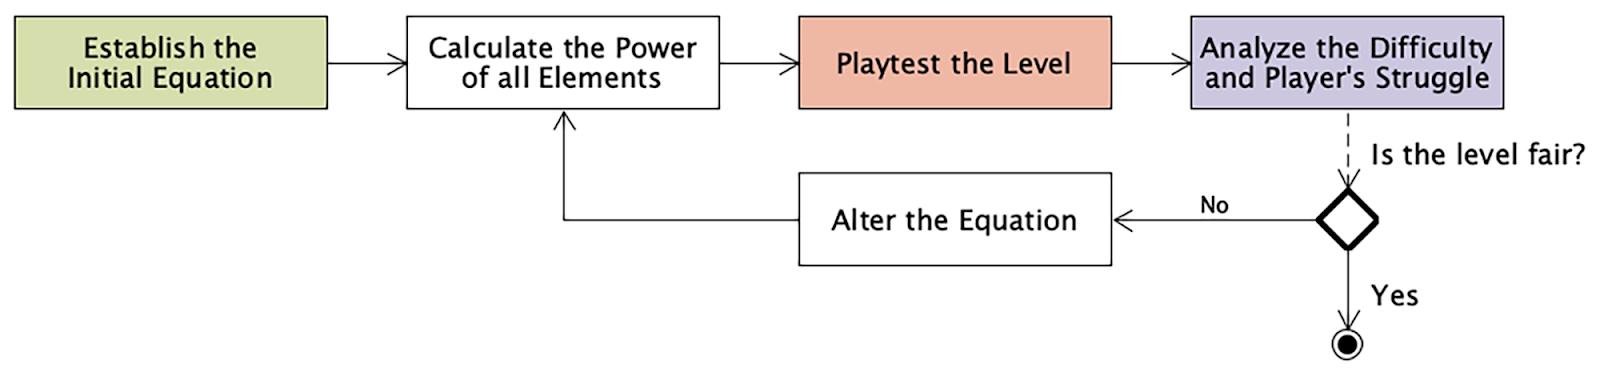 Как мощность влияет на геймплей: численный подход к дизайну игры для достижения ее честности - 7